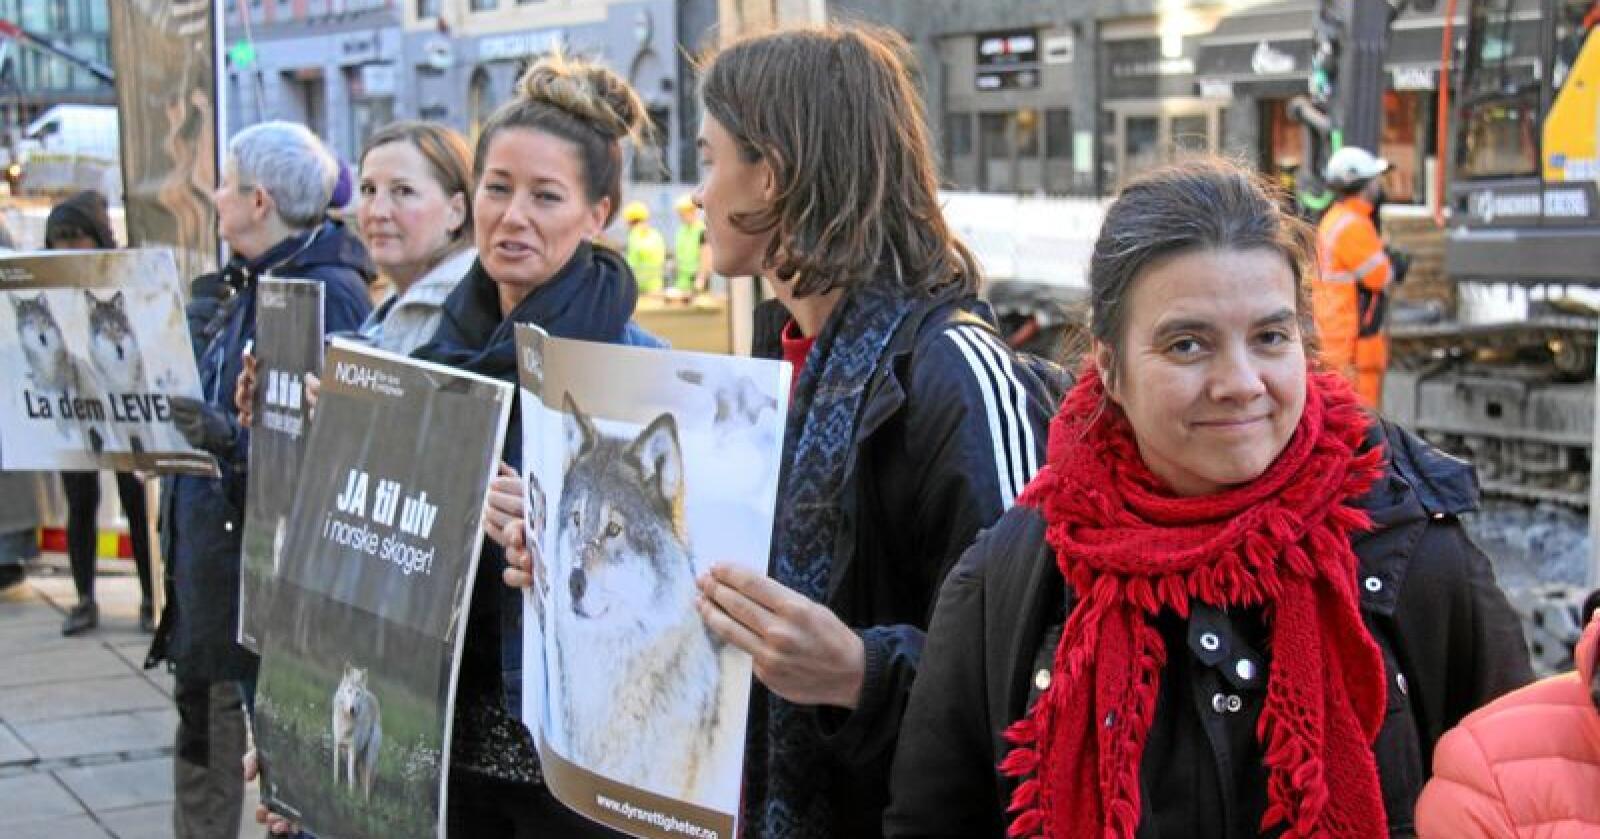 NOAH-leder Siri Martinsen fotografert utenfor Tinghuset i Oslo under en markering da organisasjonen WWF hadde trukket staten for retten i forbindelse med lisensjakt på ulv i fjor. Foto: Svein Egil Hatlevik